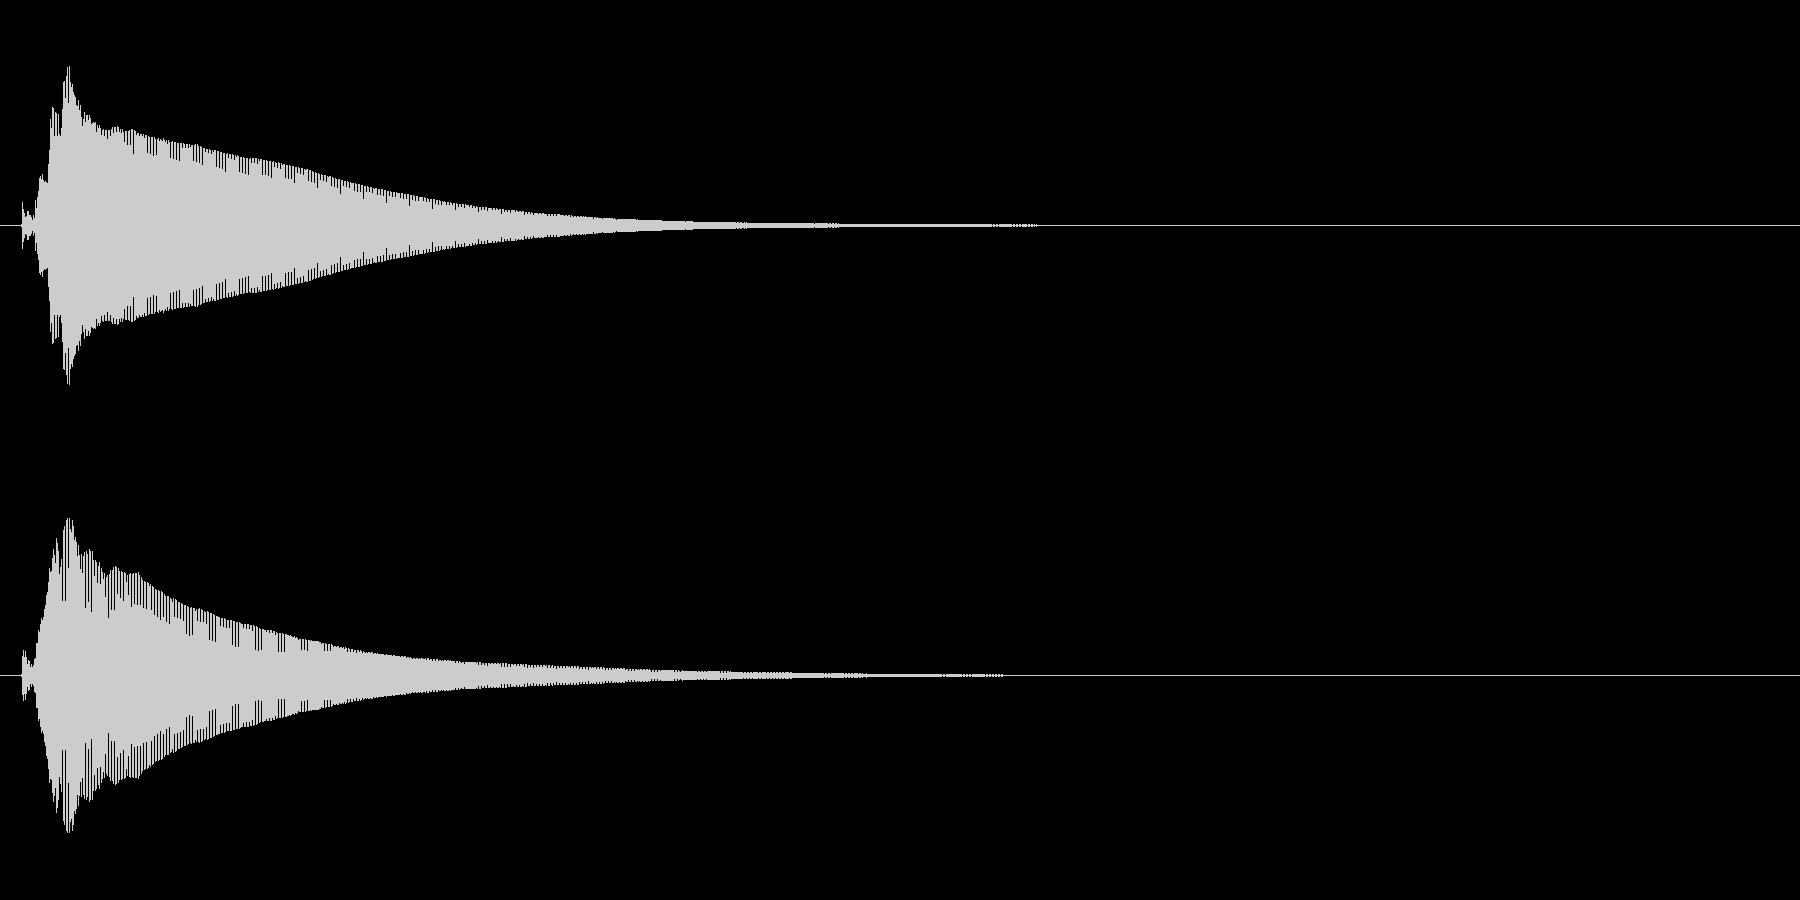 ボタンや決定、セレクトイメージの効果音…の未再生の波形